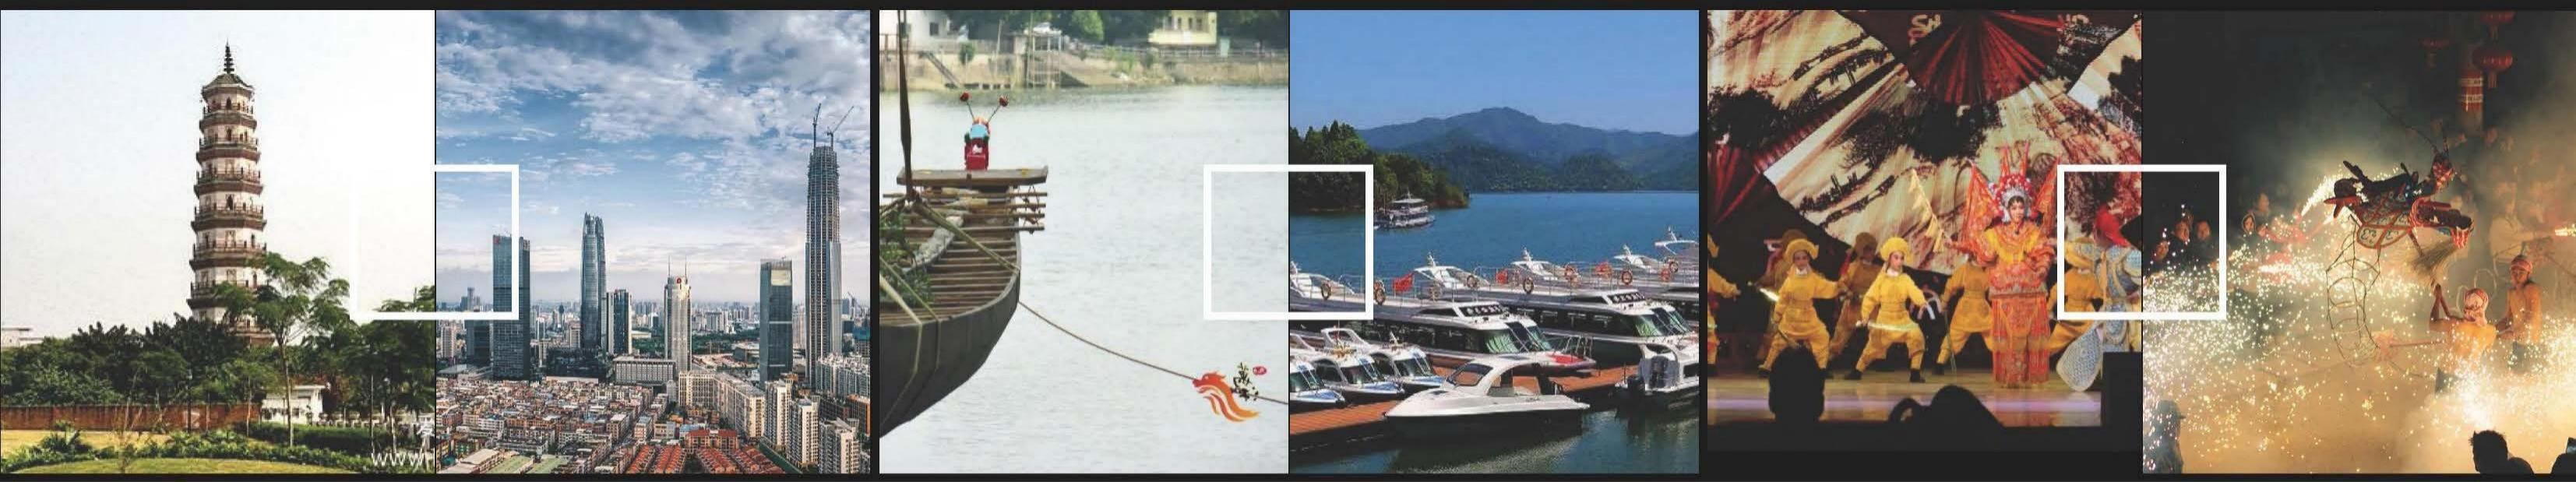 20210330奥园.华南大区.誉江苑项目示范区景观方案设计(1)_页面_24.jpg